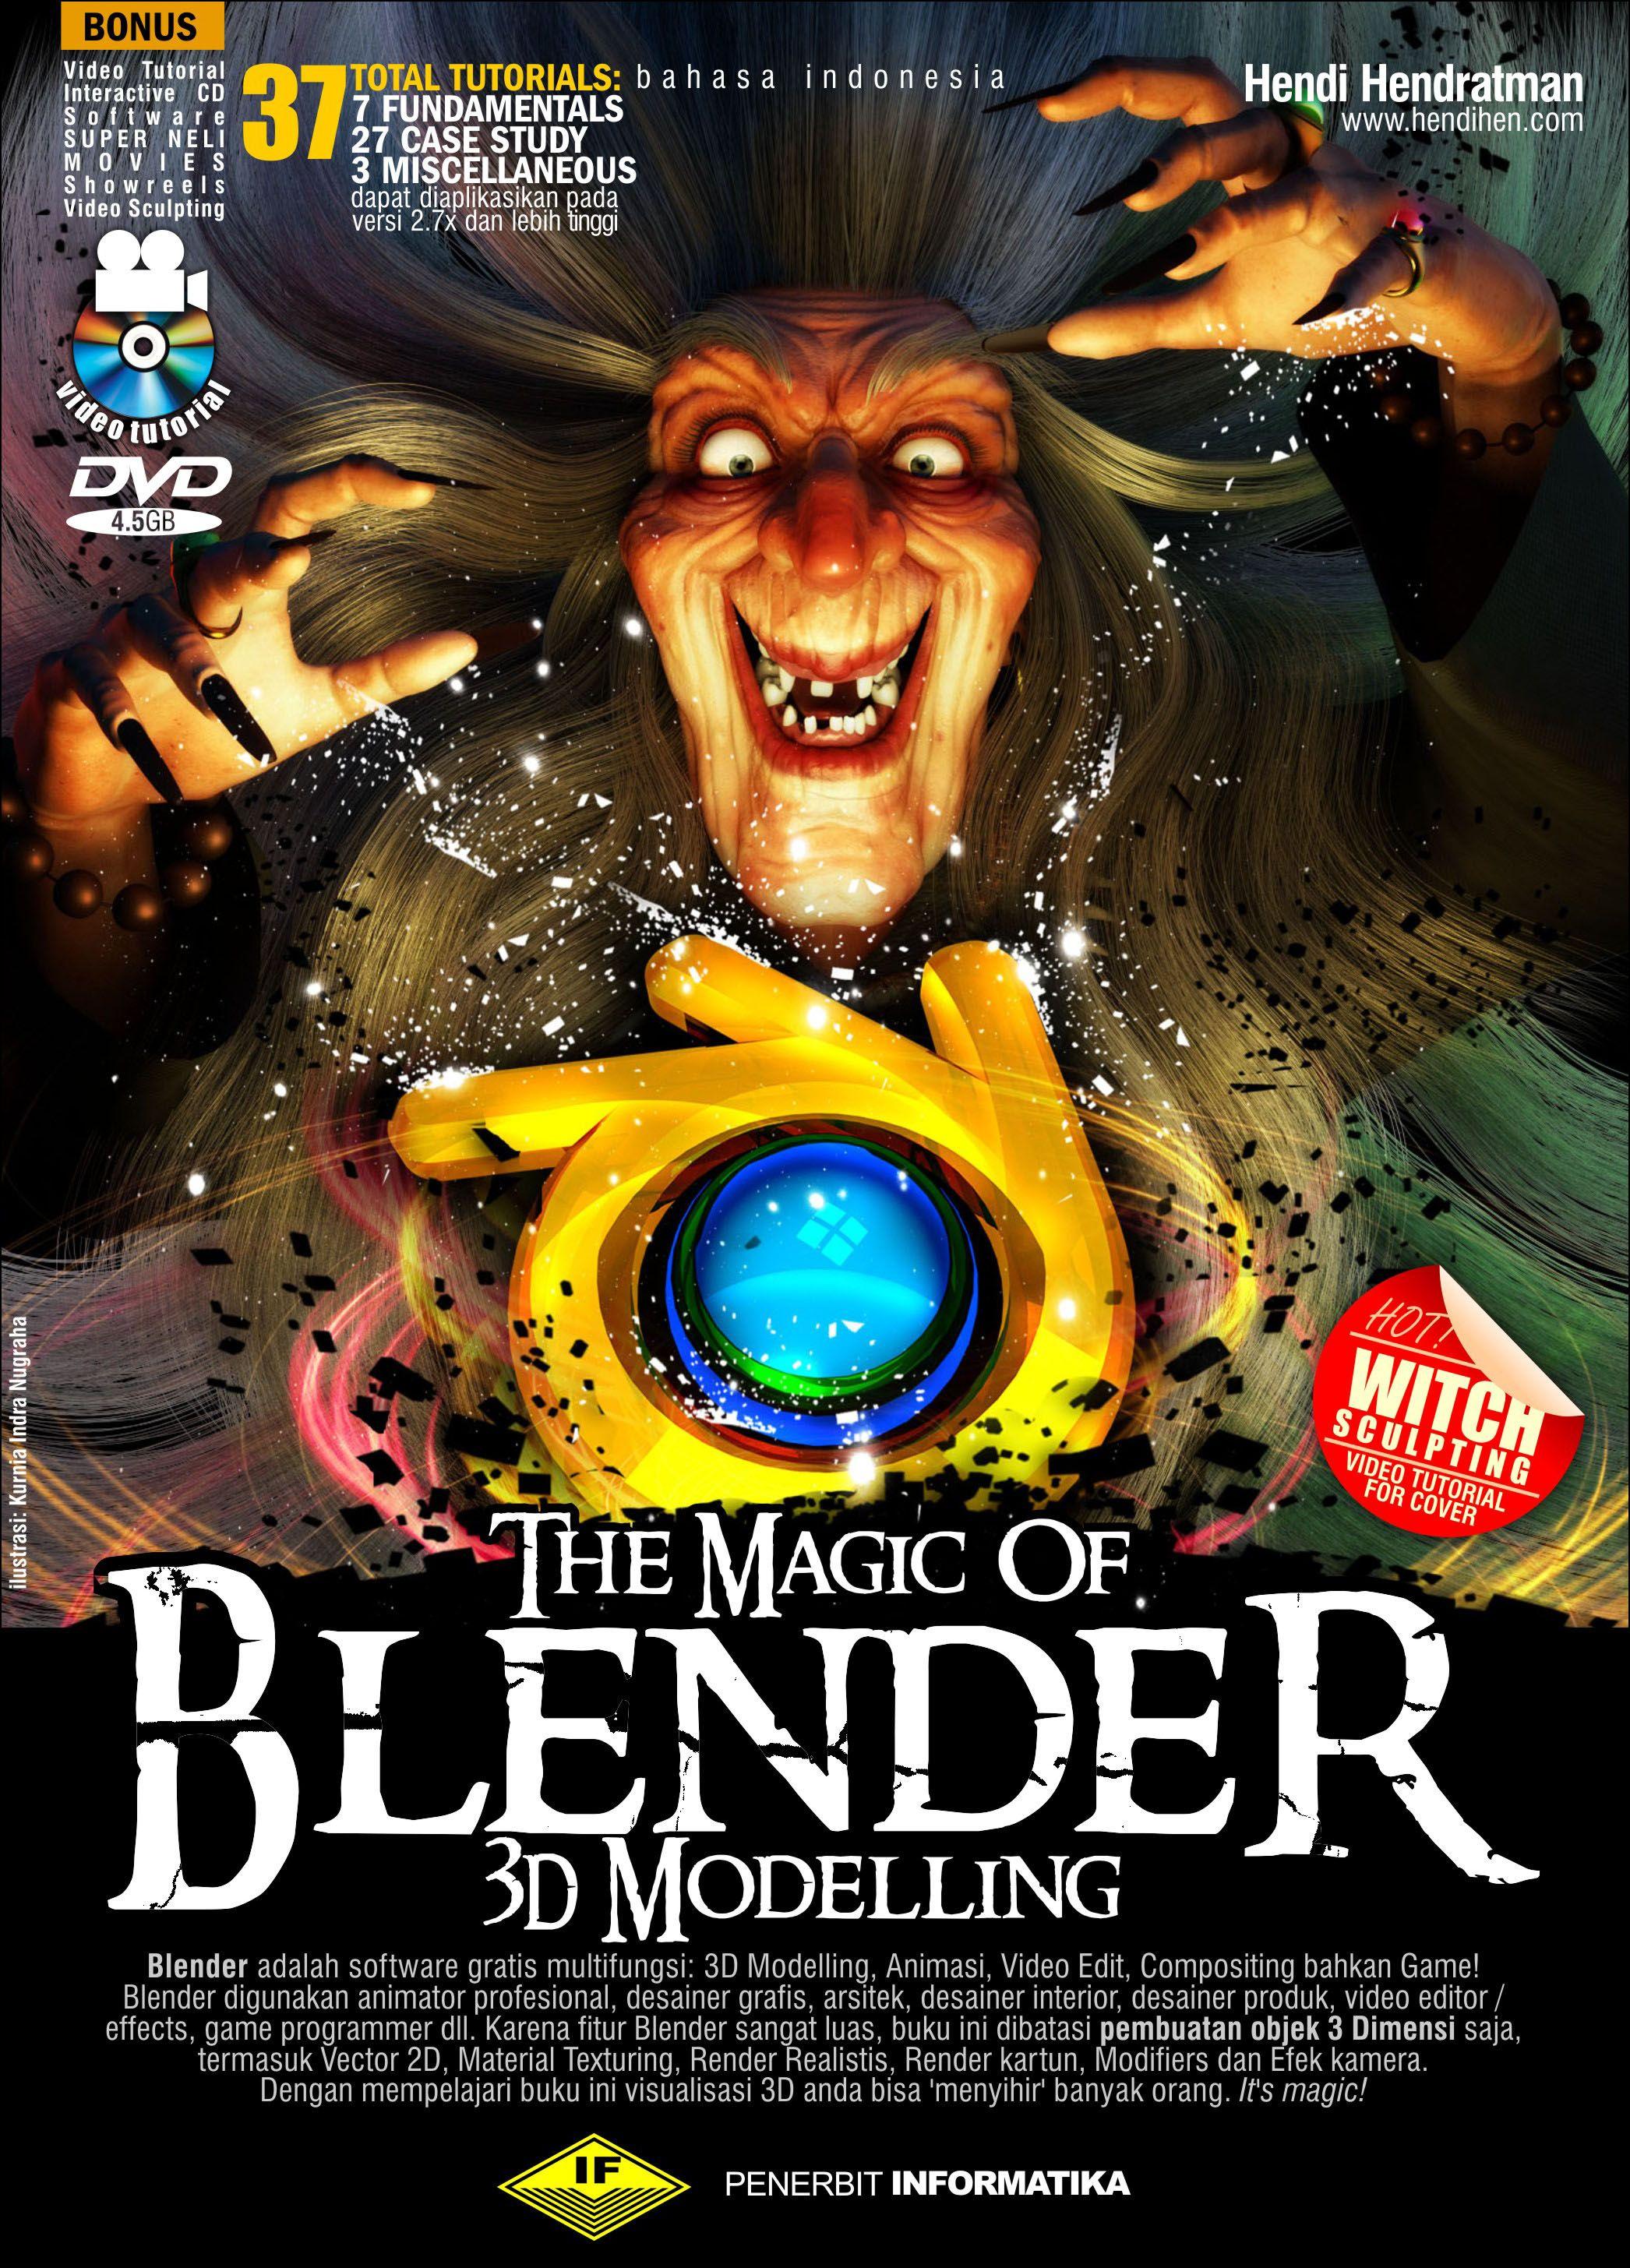 Blender Character Modeling Tutorial Pdf : Belajar blender dasar d tutorial buku